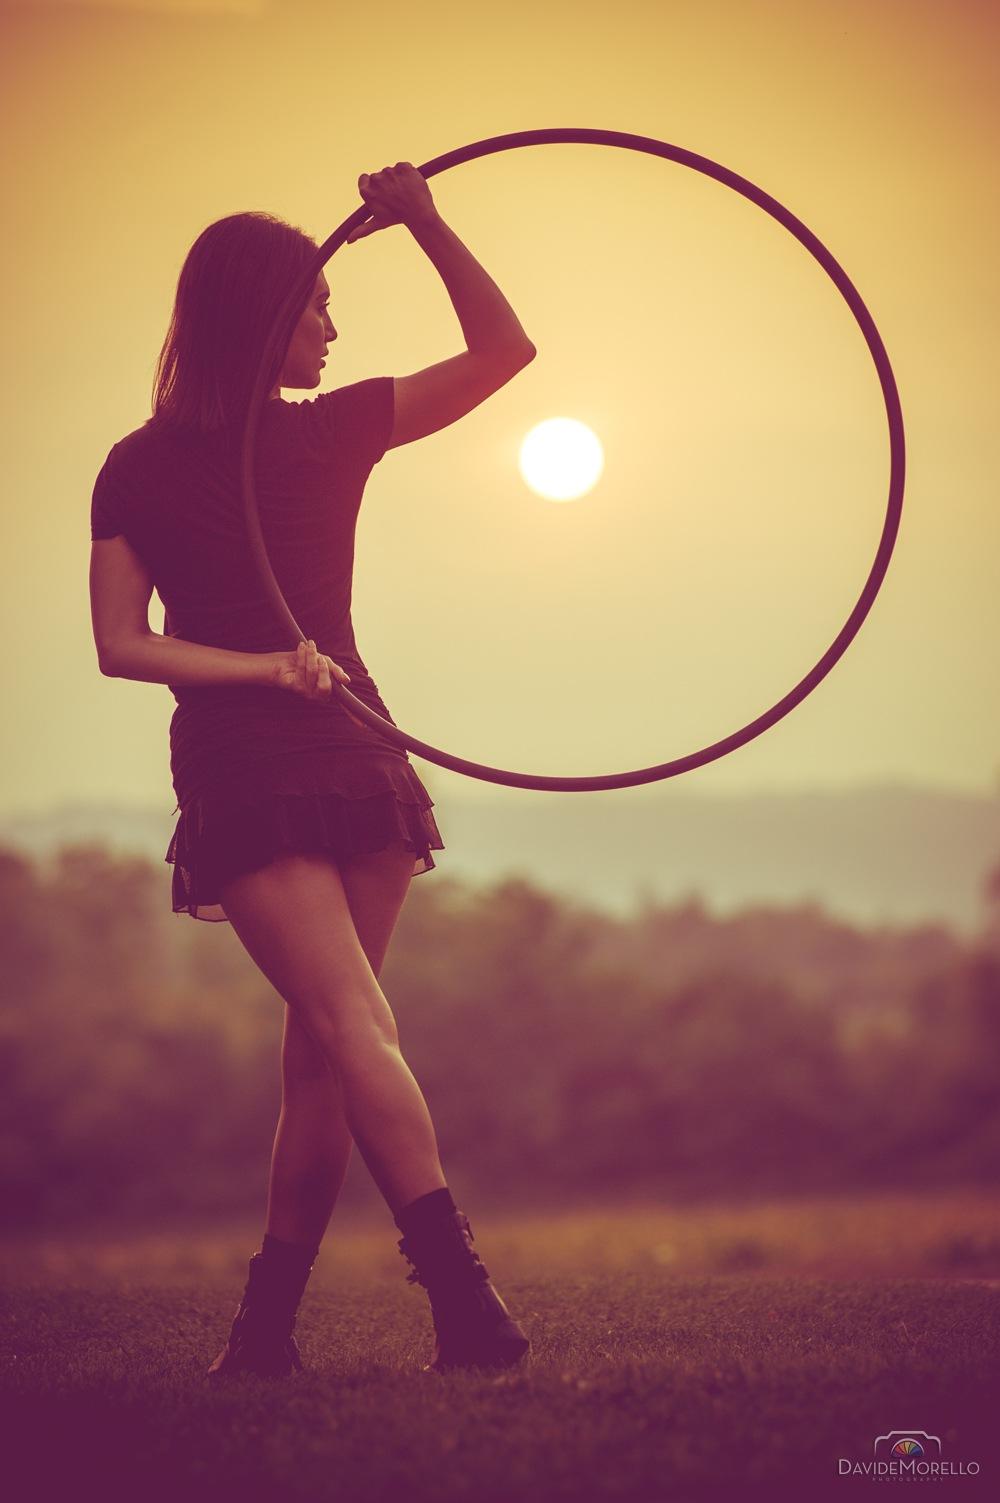 Sun by Davide Morello